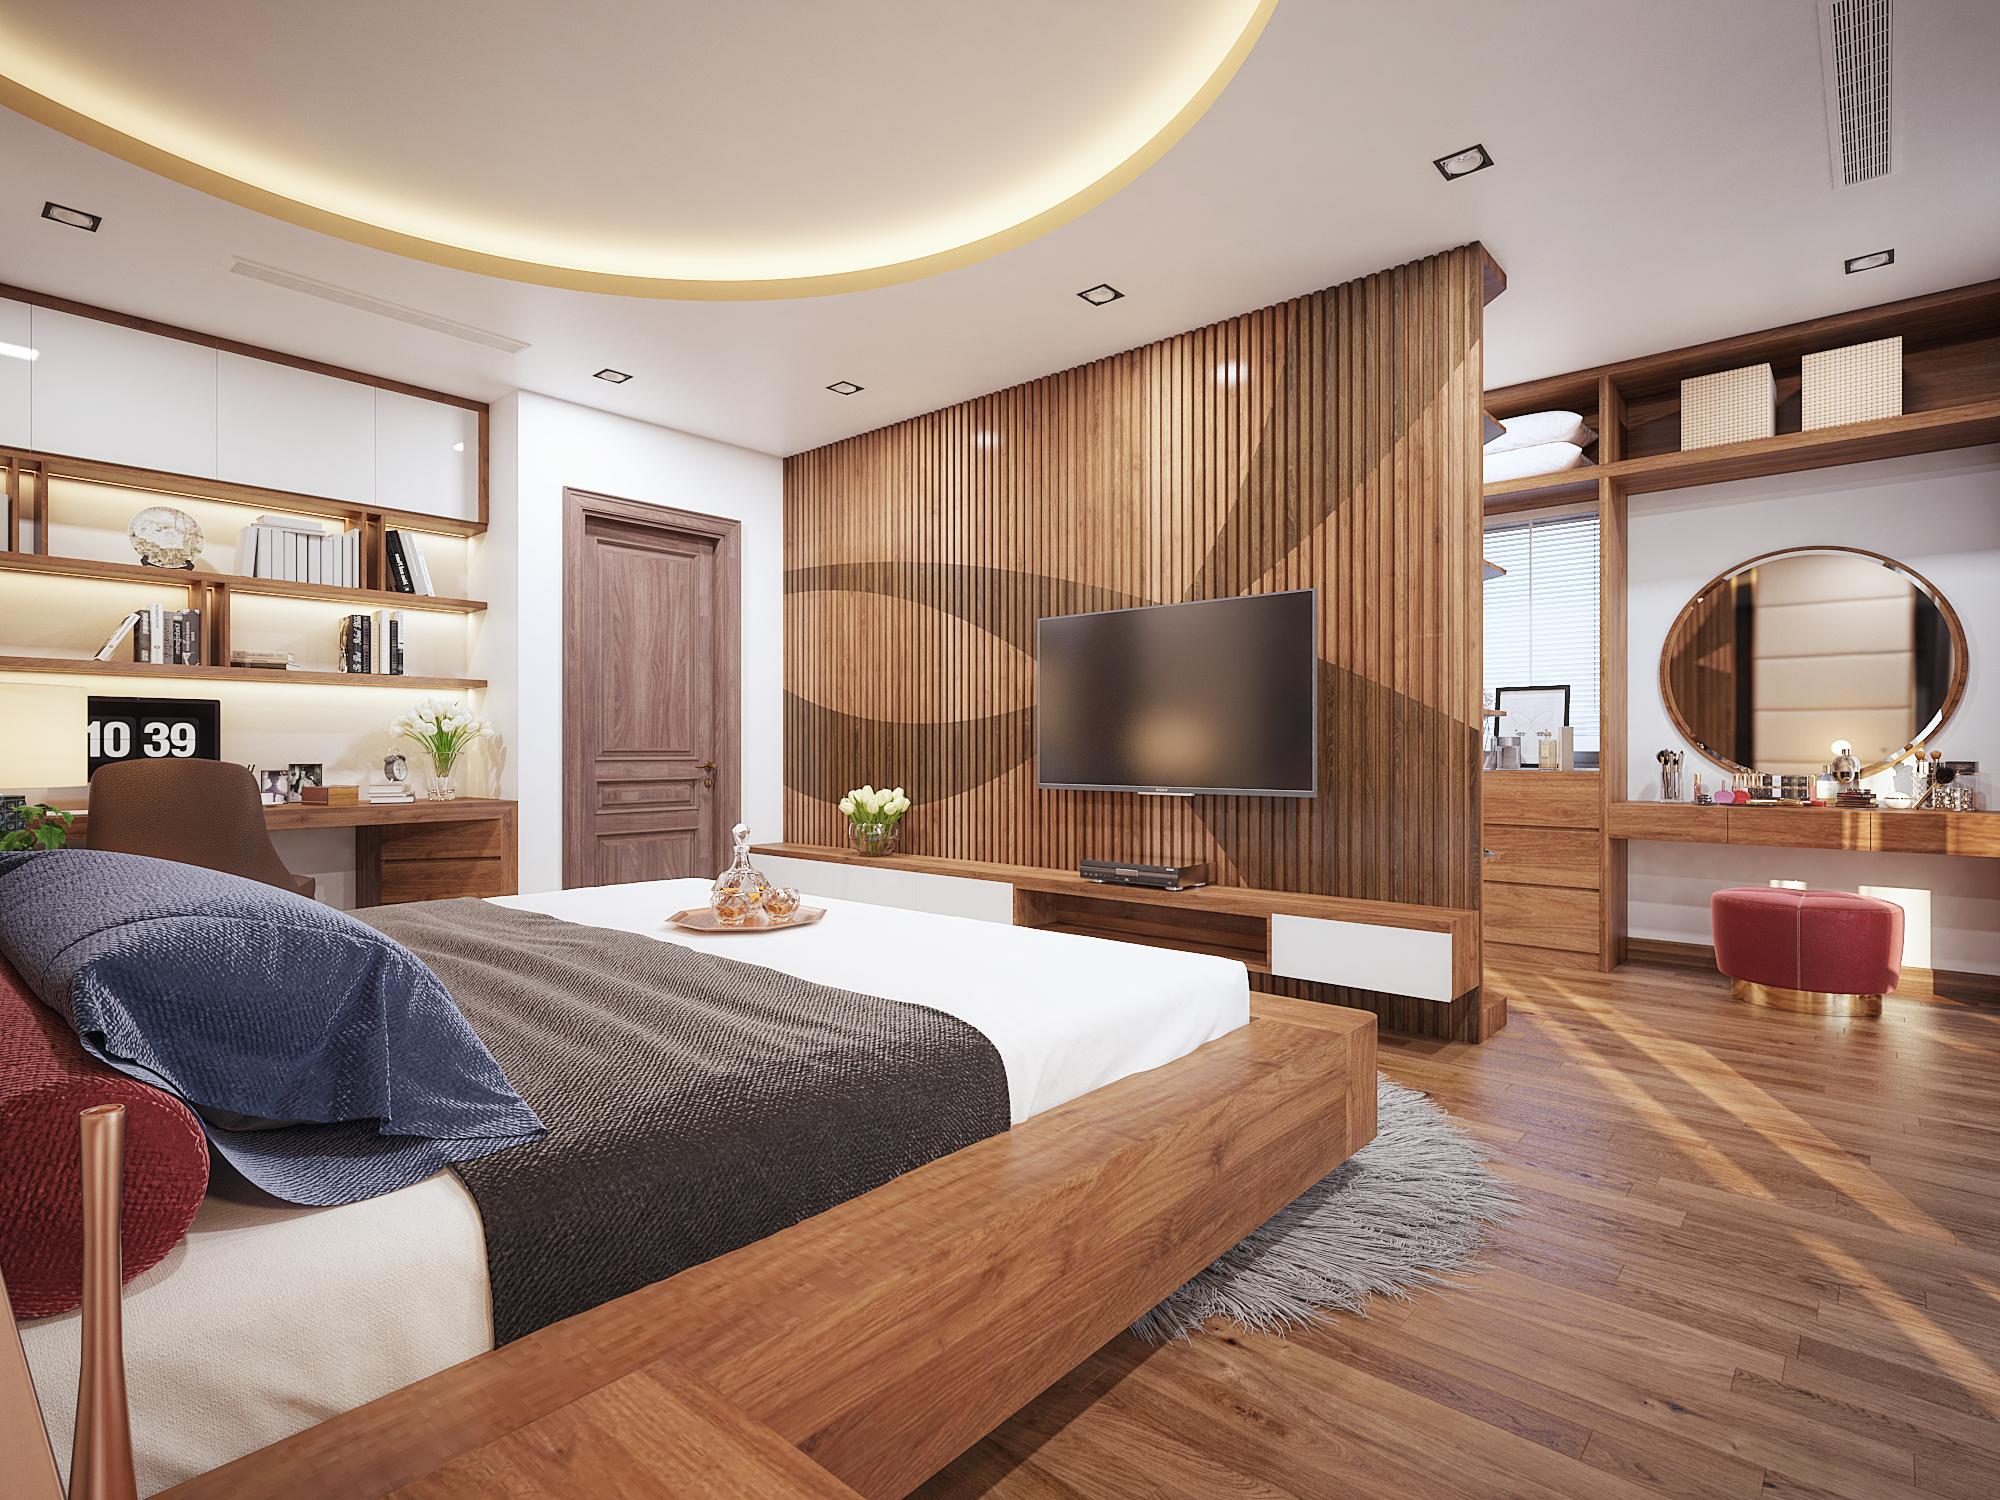 Thiết kế nội thất Biệt Thự tại Sơn La INTERIORO _02 1575334963 12